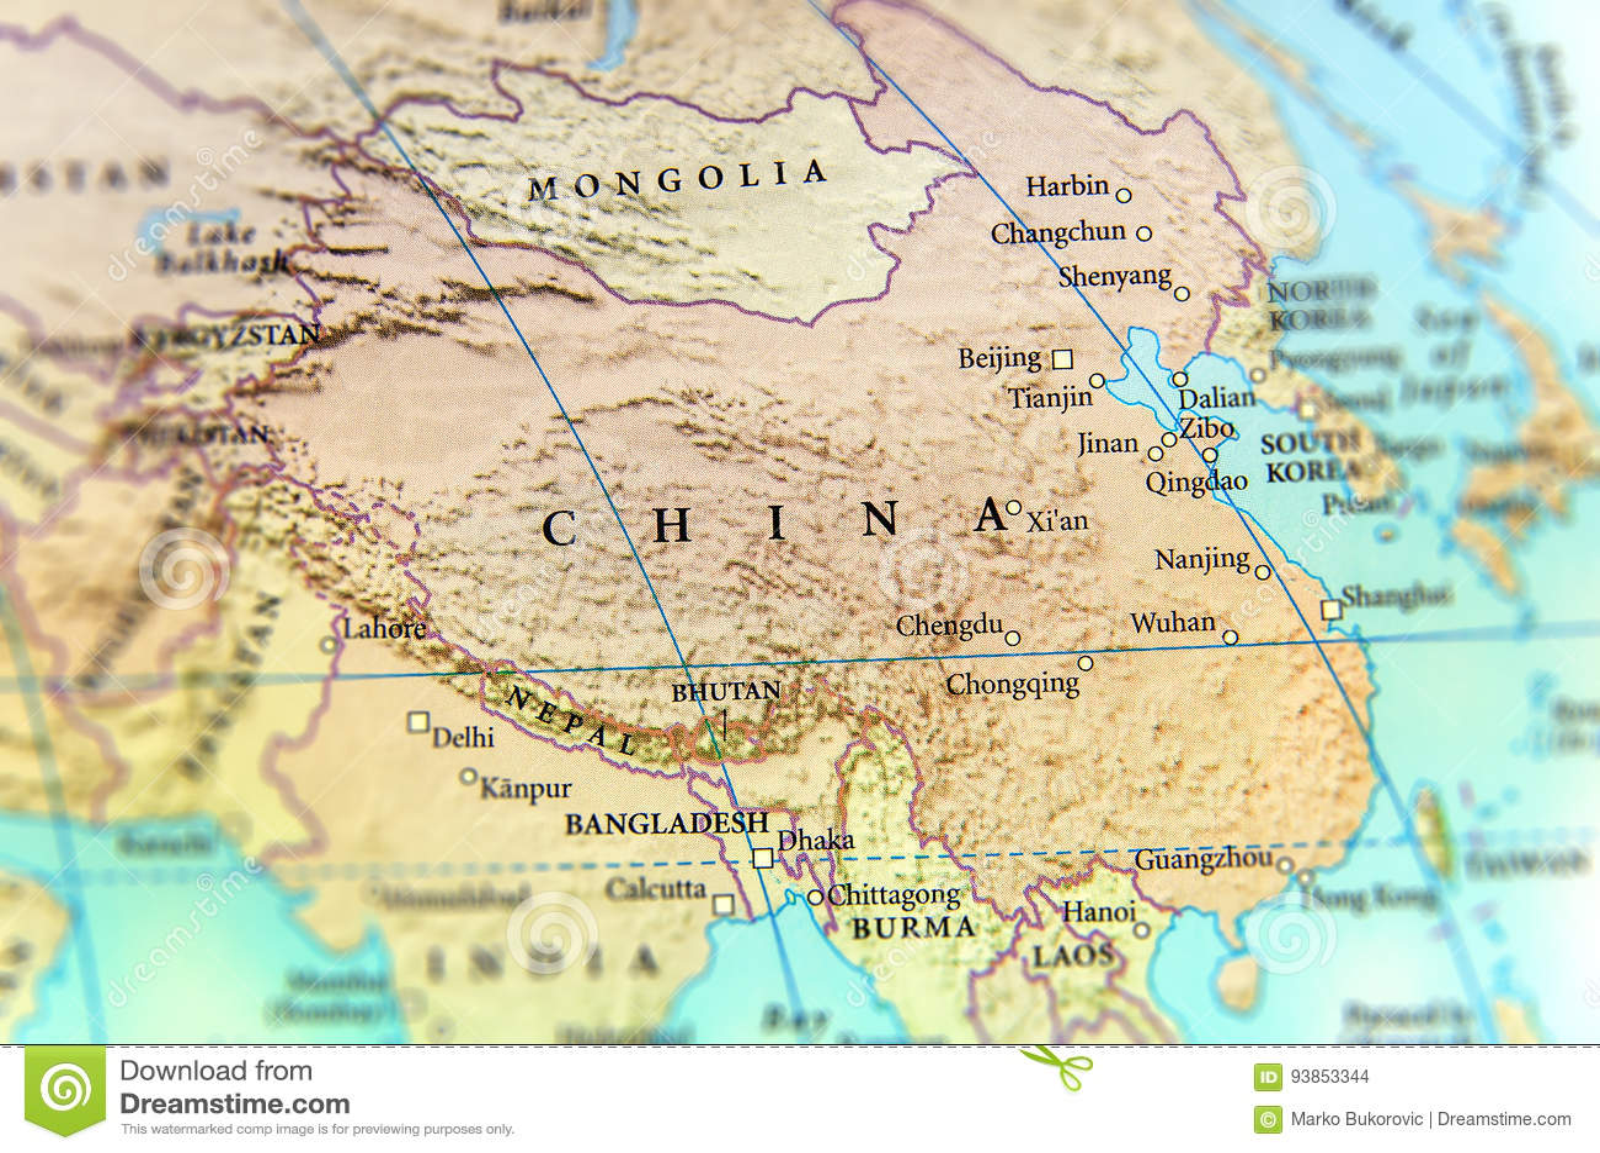 Cartina Geografica Della Cina.Mappa Geografica Del Paese Della Cina Con Le Citta Importanti